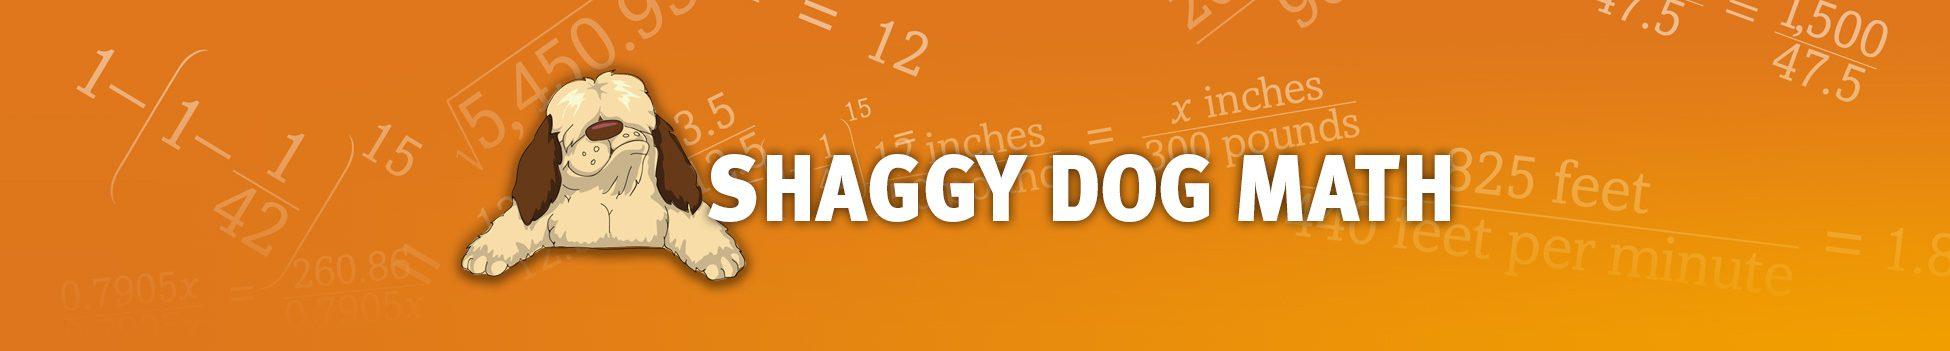 shaggy-dog-math-home-banner